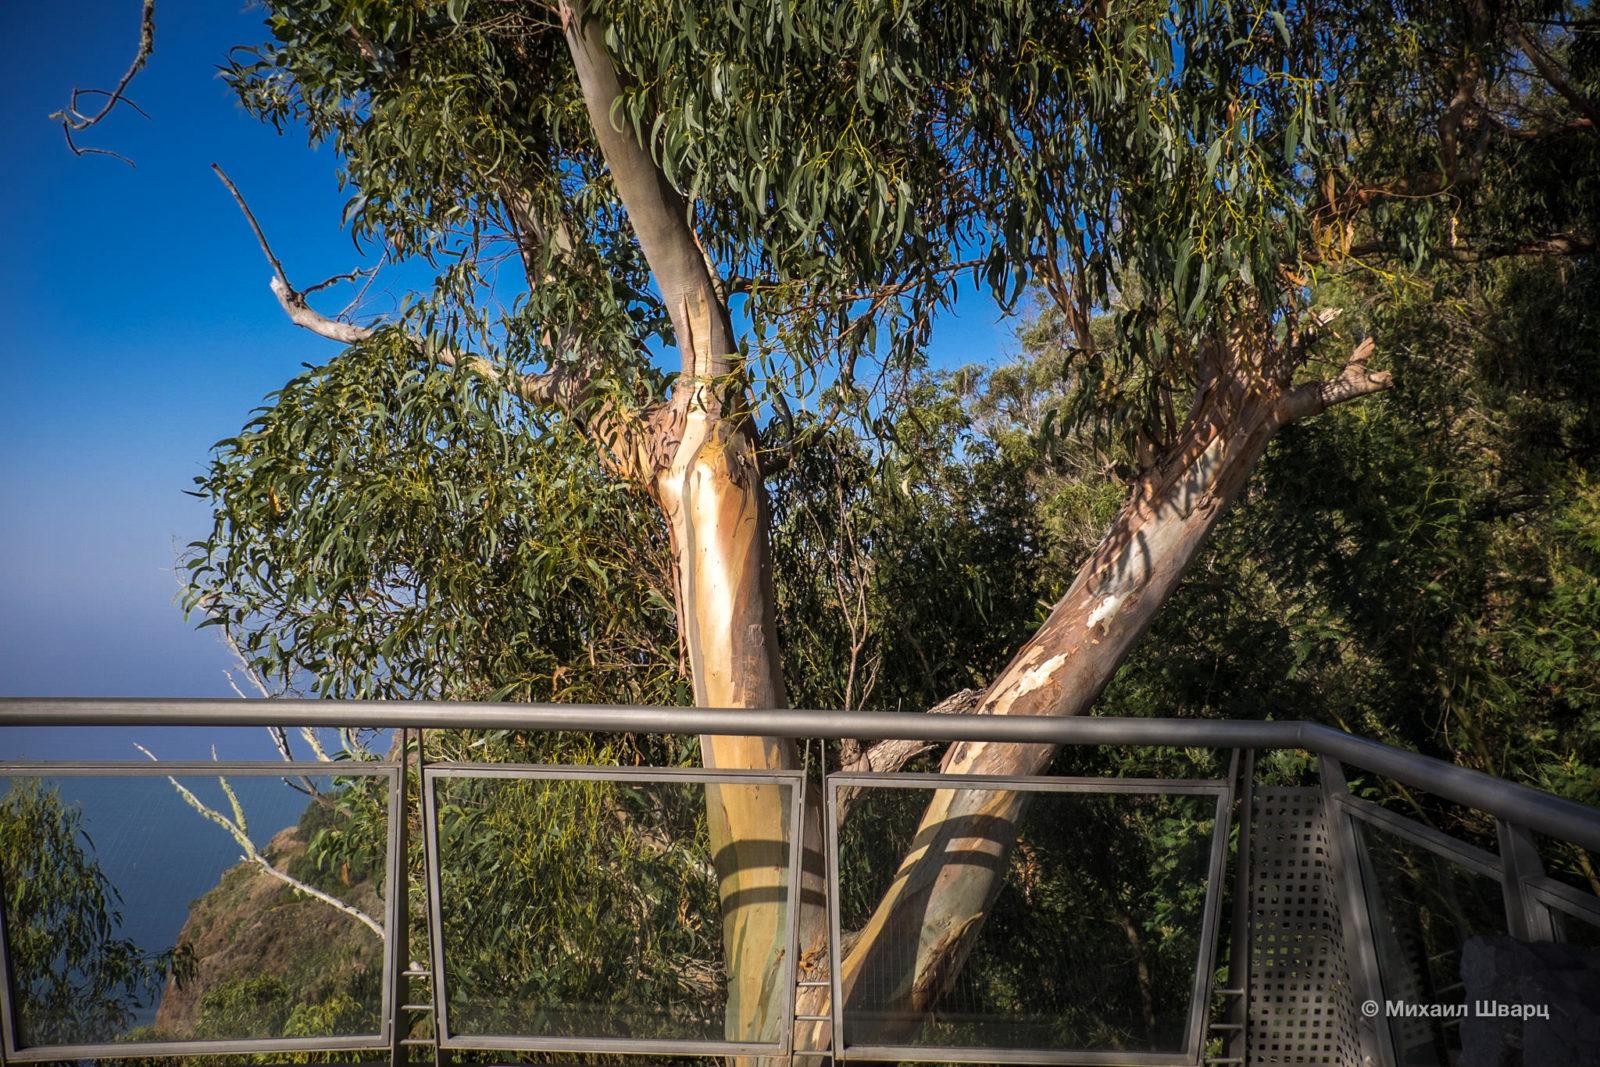 Вокруг растут эвкалиптовые деревья